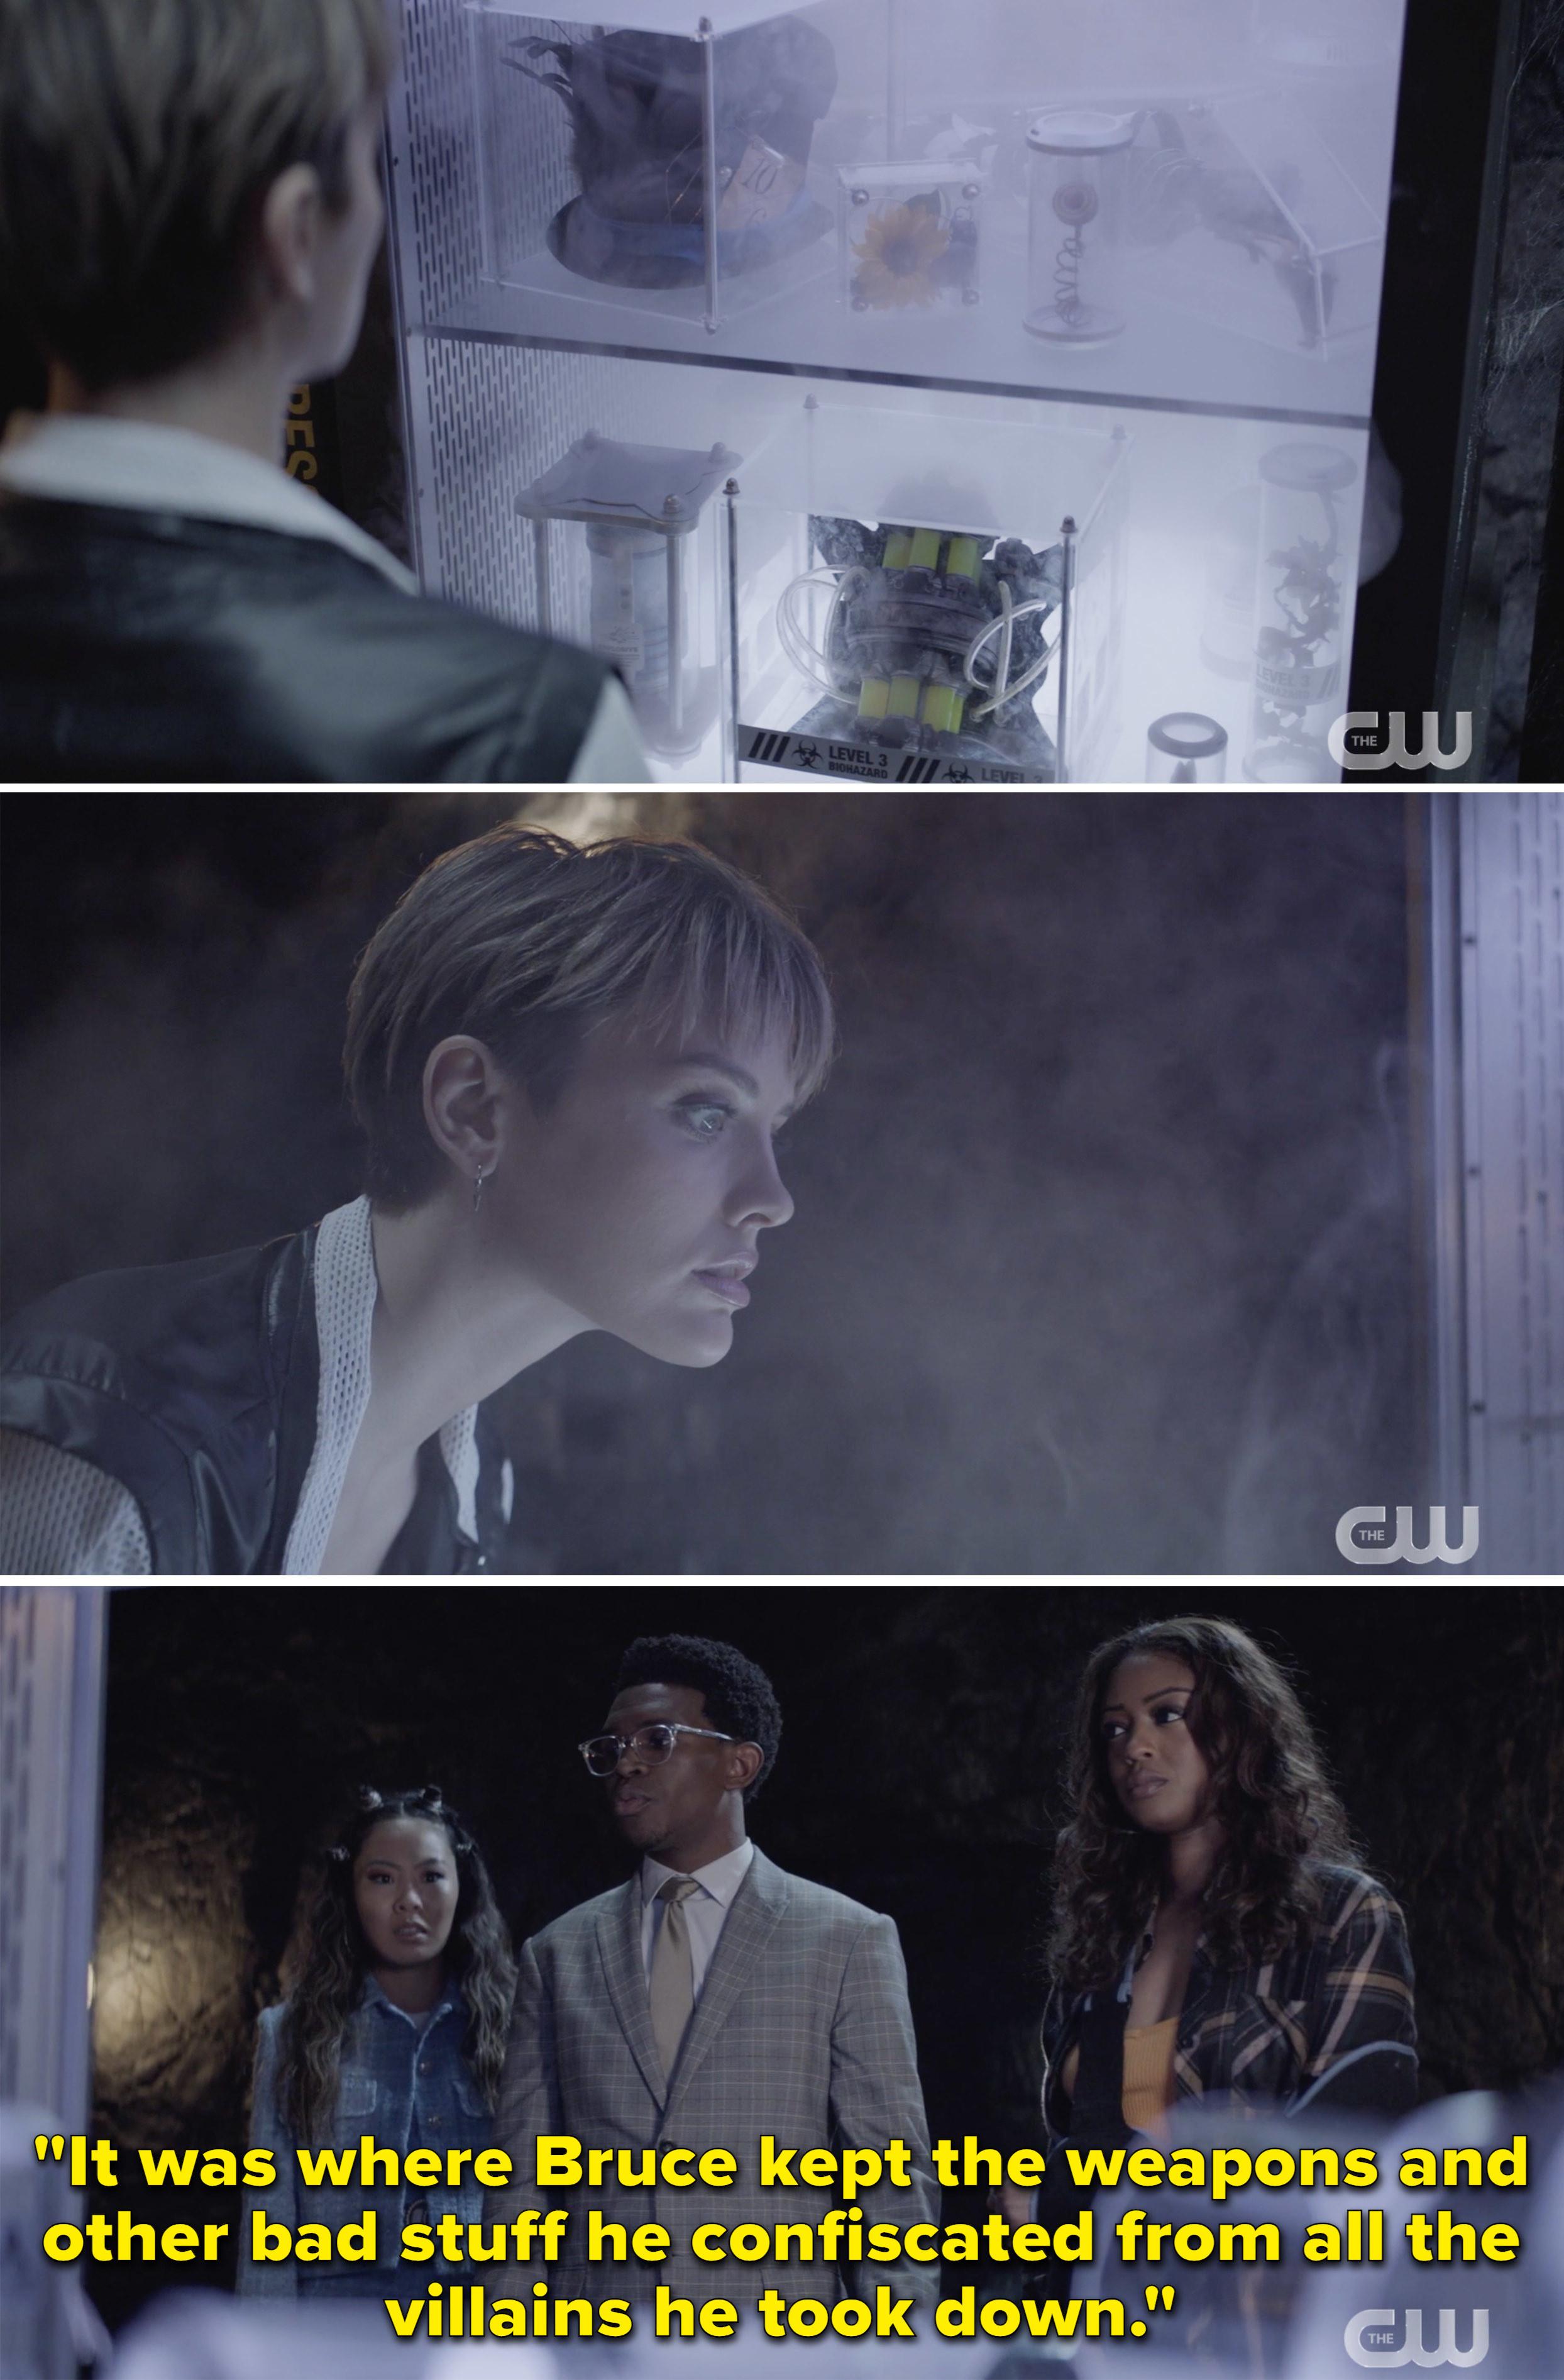 Luke explaining that Circe took weapons Bruce kept from villains he took down